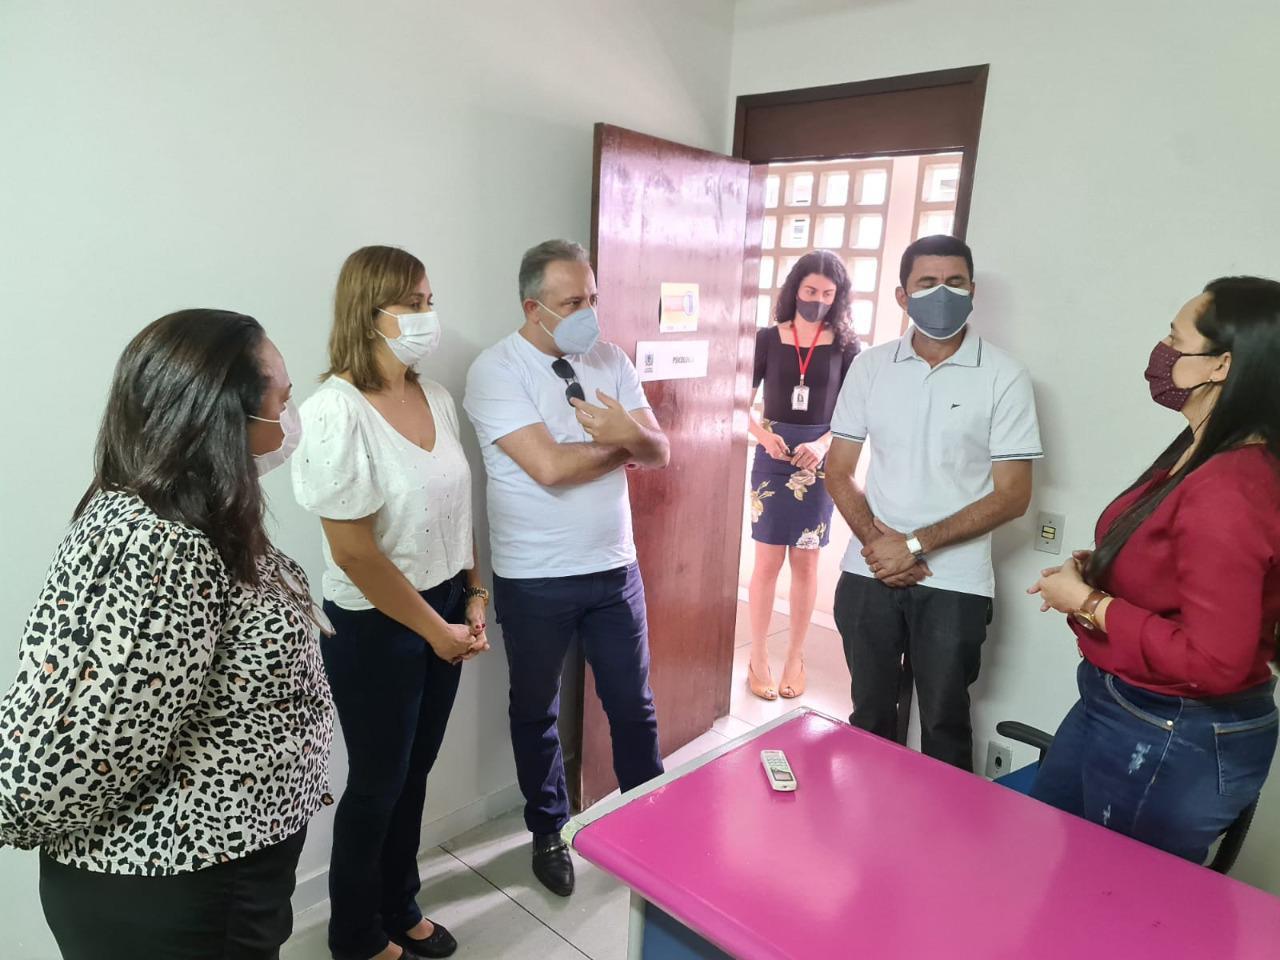 WhatsApp Image 2021 07 20 at 11.27.05 - Secretária Ana Cláudia visita Centro de Referência da Mulher e recebe anúncio da Patrulha Maria da Penha em Campina Grande no próximo mês